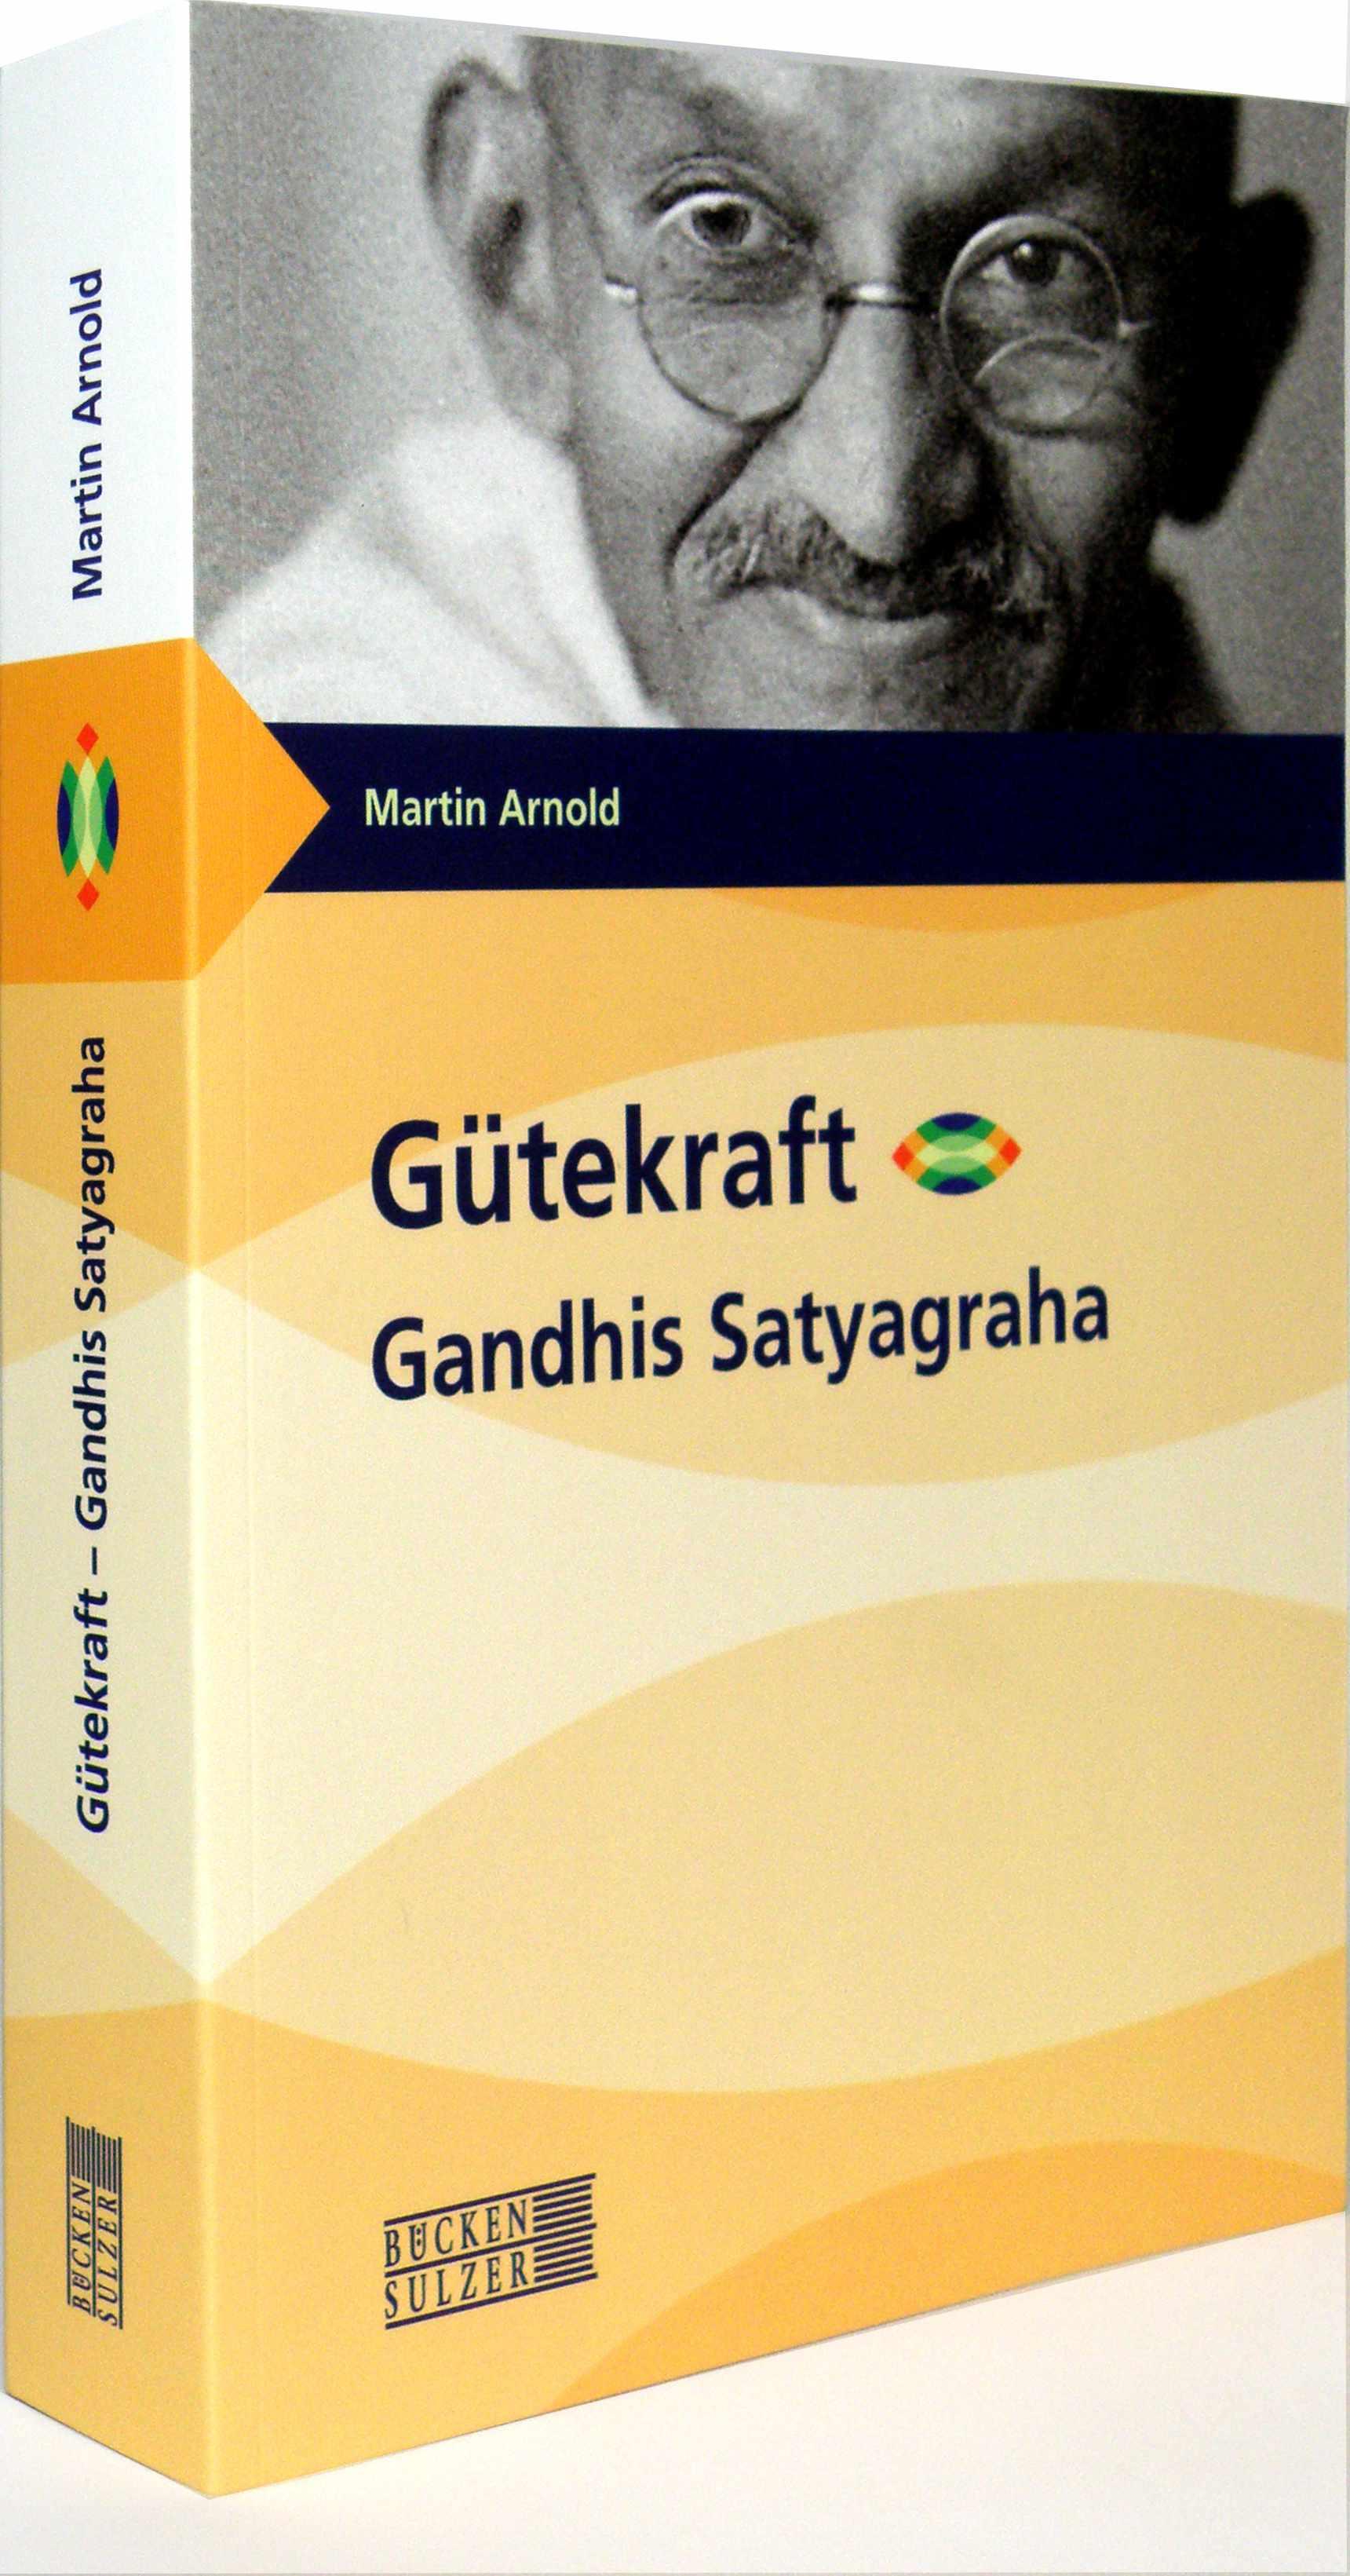 Bild des Buches über Gandhis Gütekraft-Konzept